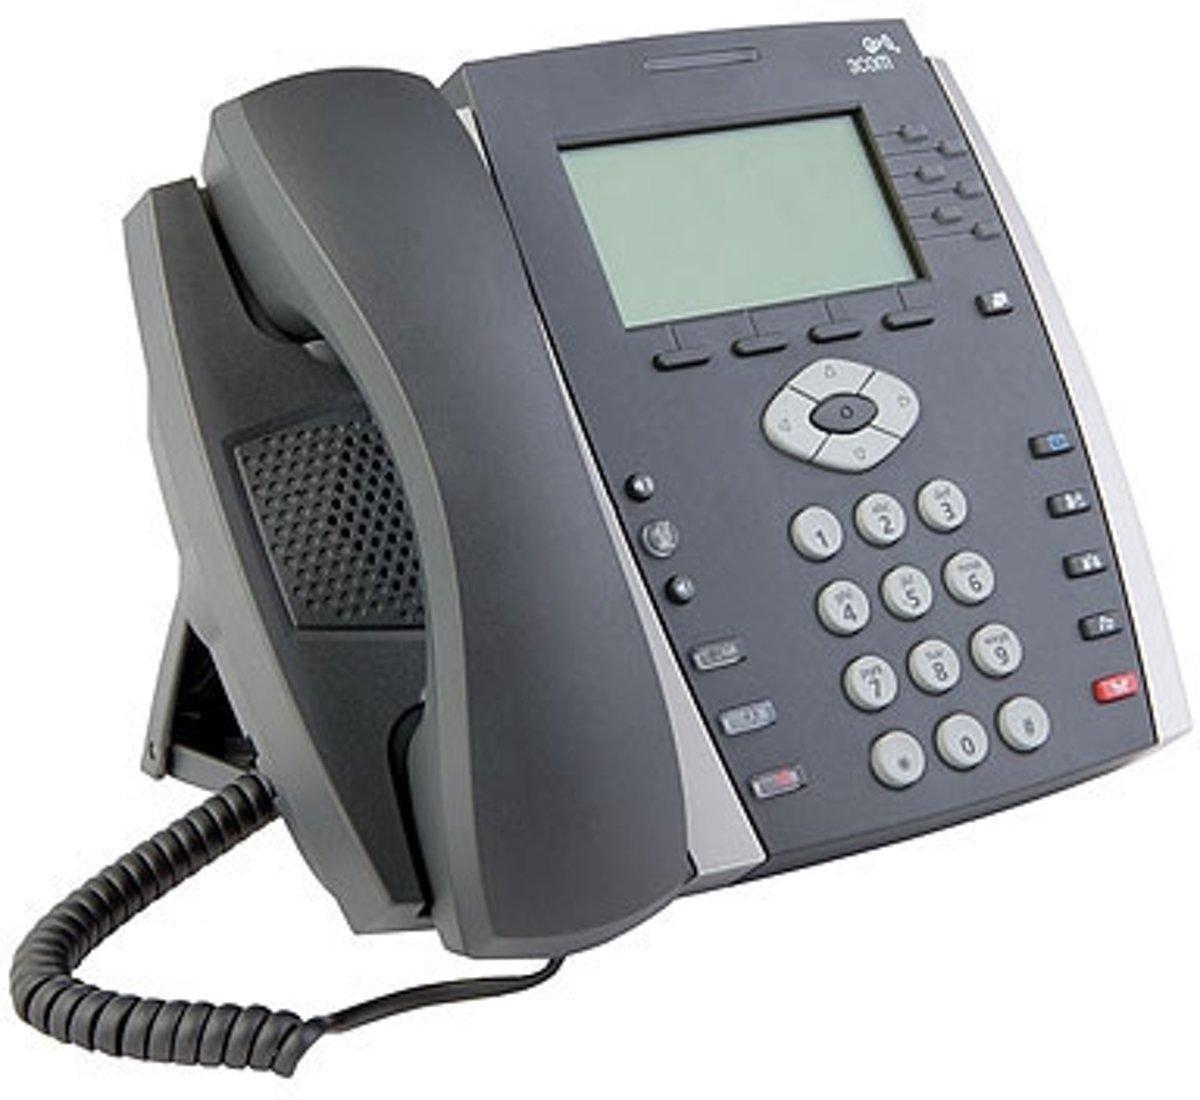 HP 3502 - VoIP telefoon - Grijs